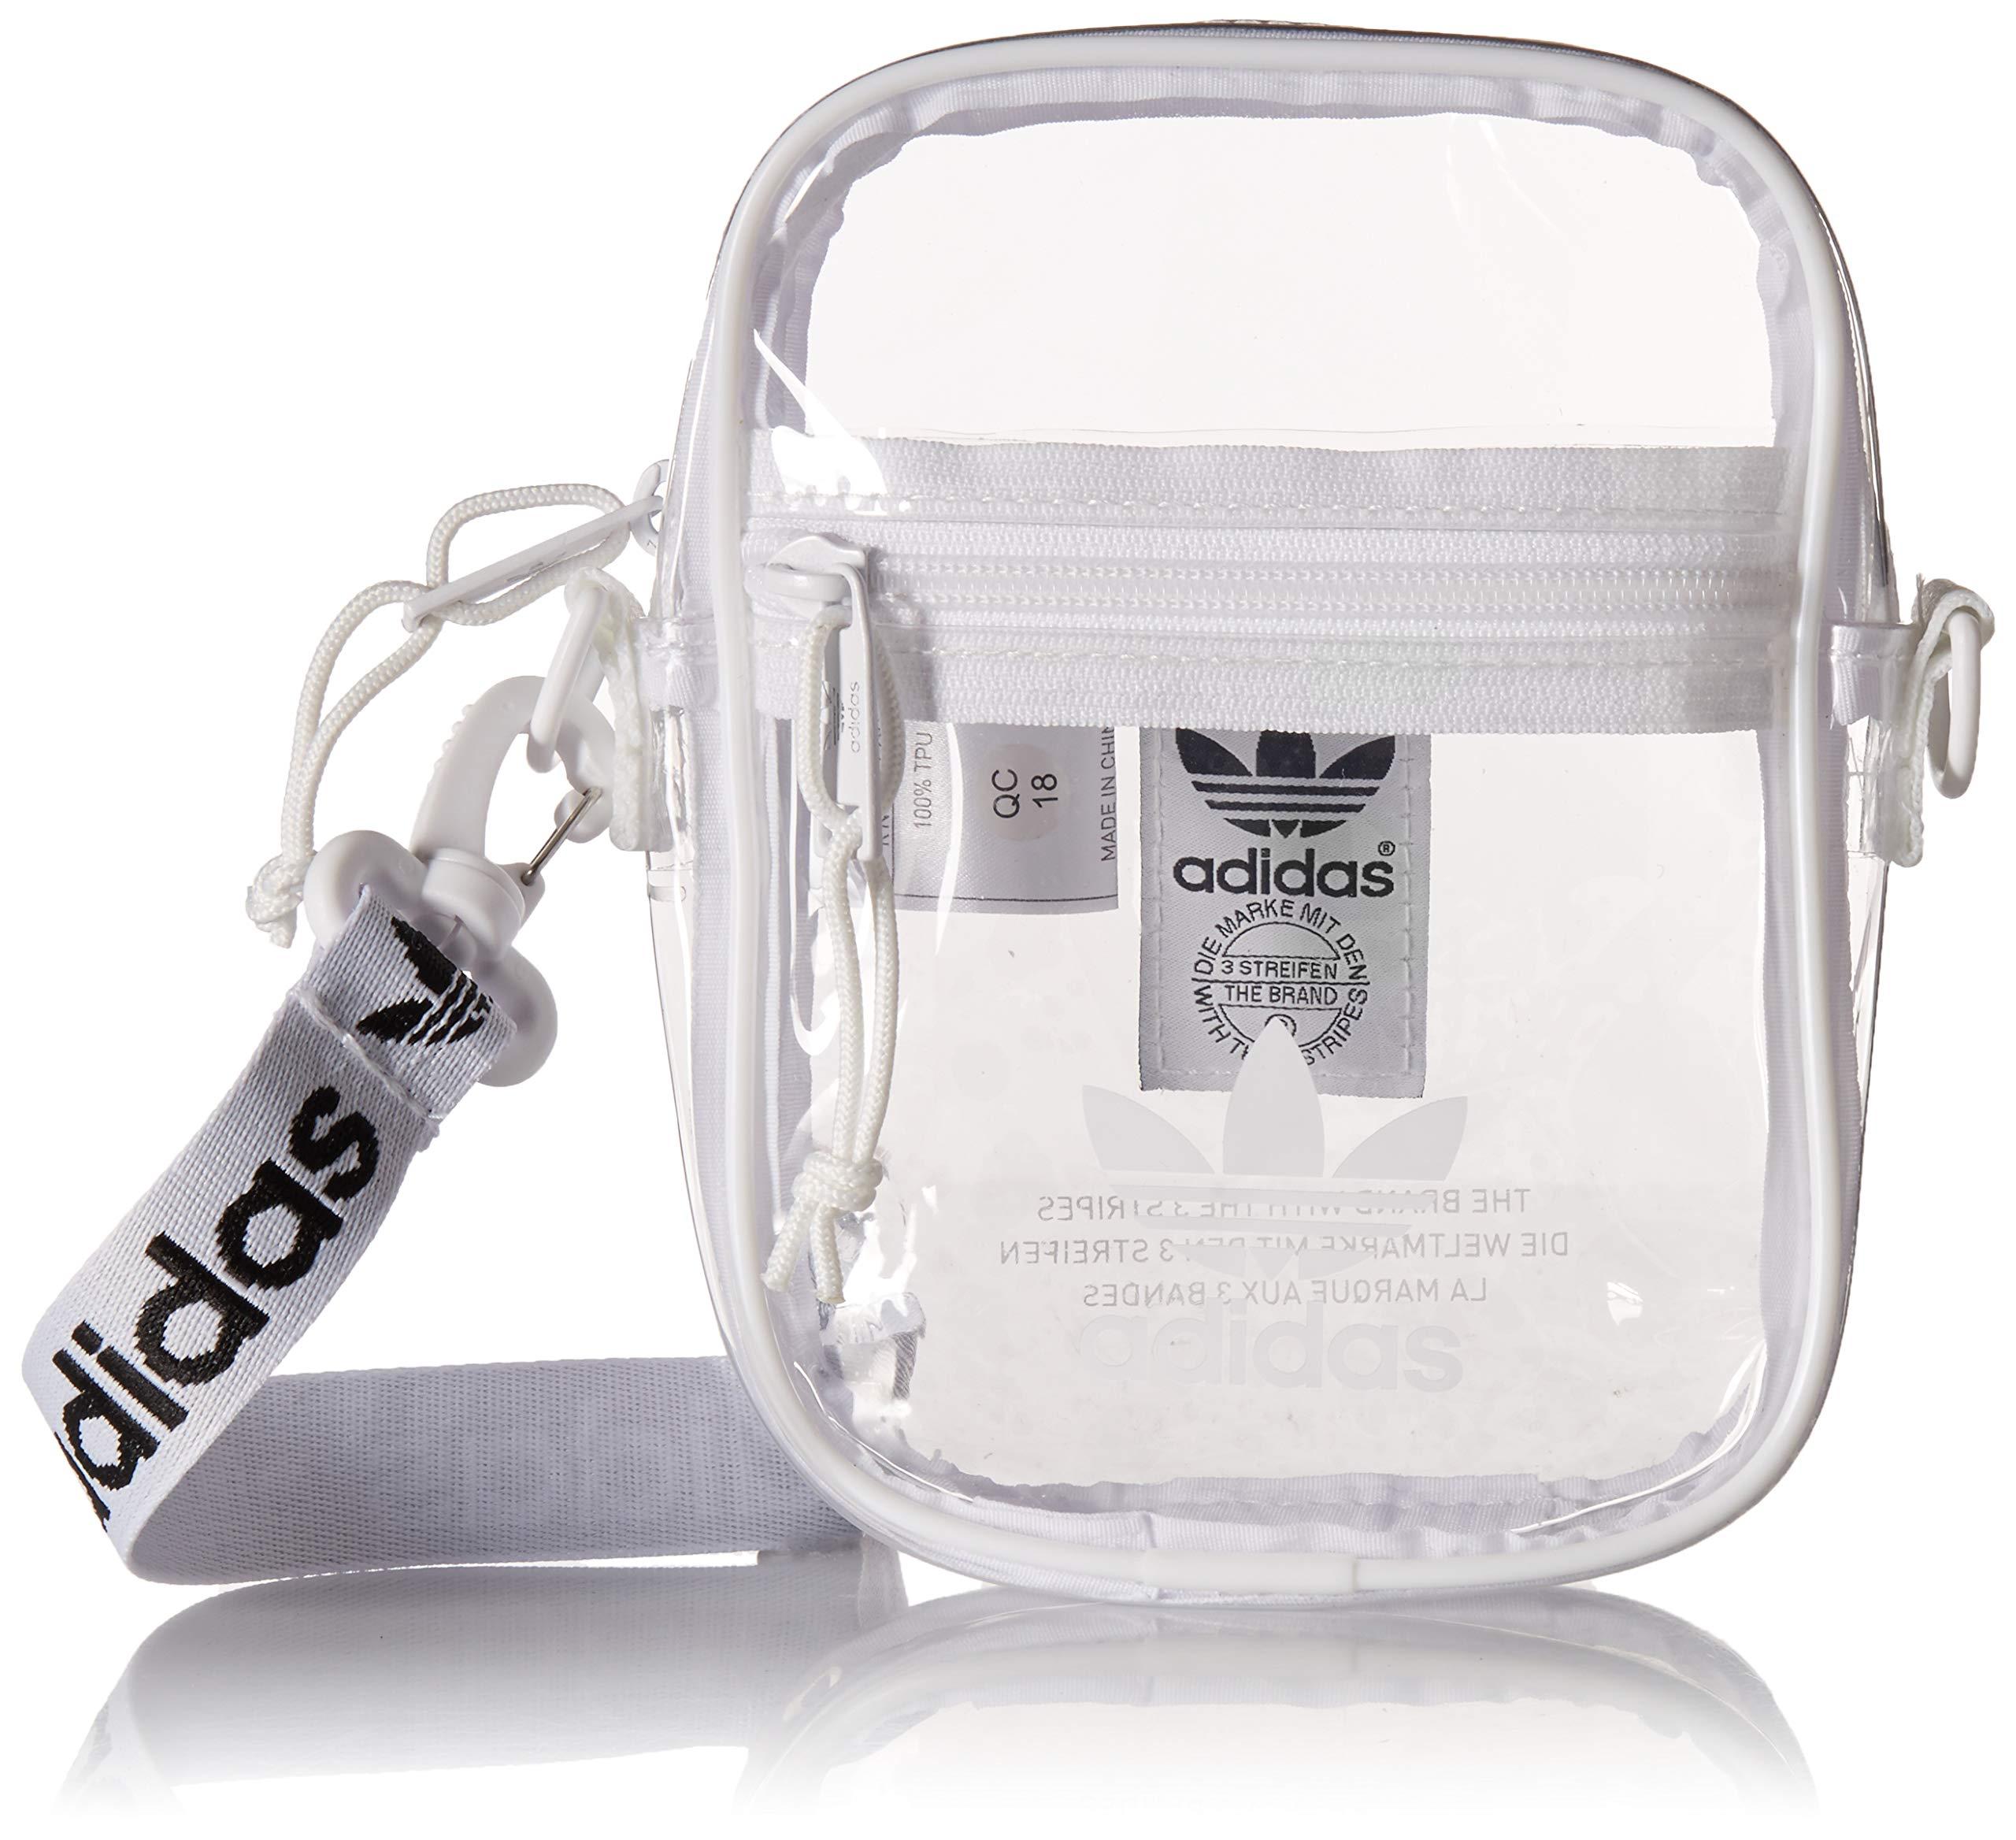 adidas Originals Originals Clear Festival Crossbody, White, One Size